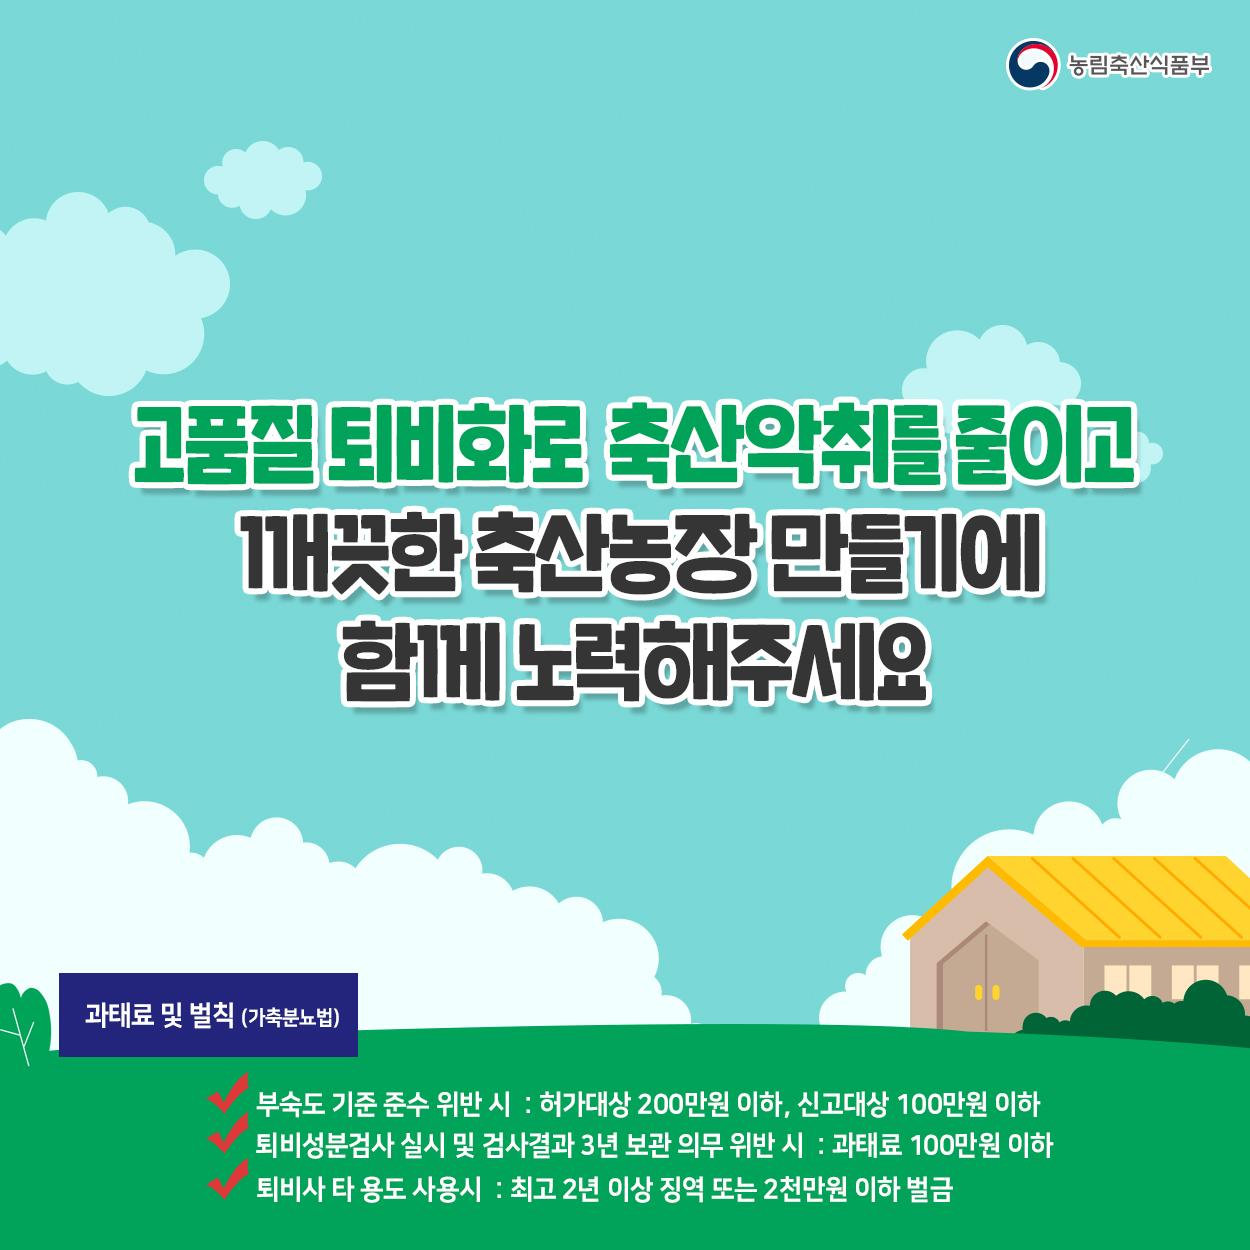 농식품부_카드뉴스_퇴비8_200102.jpg